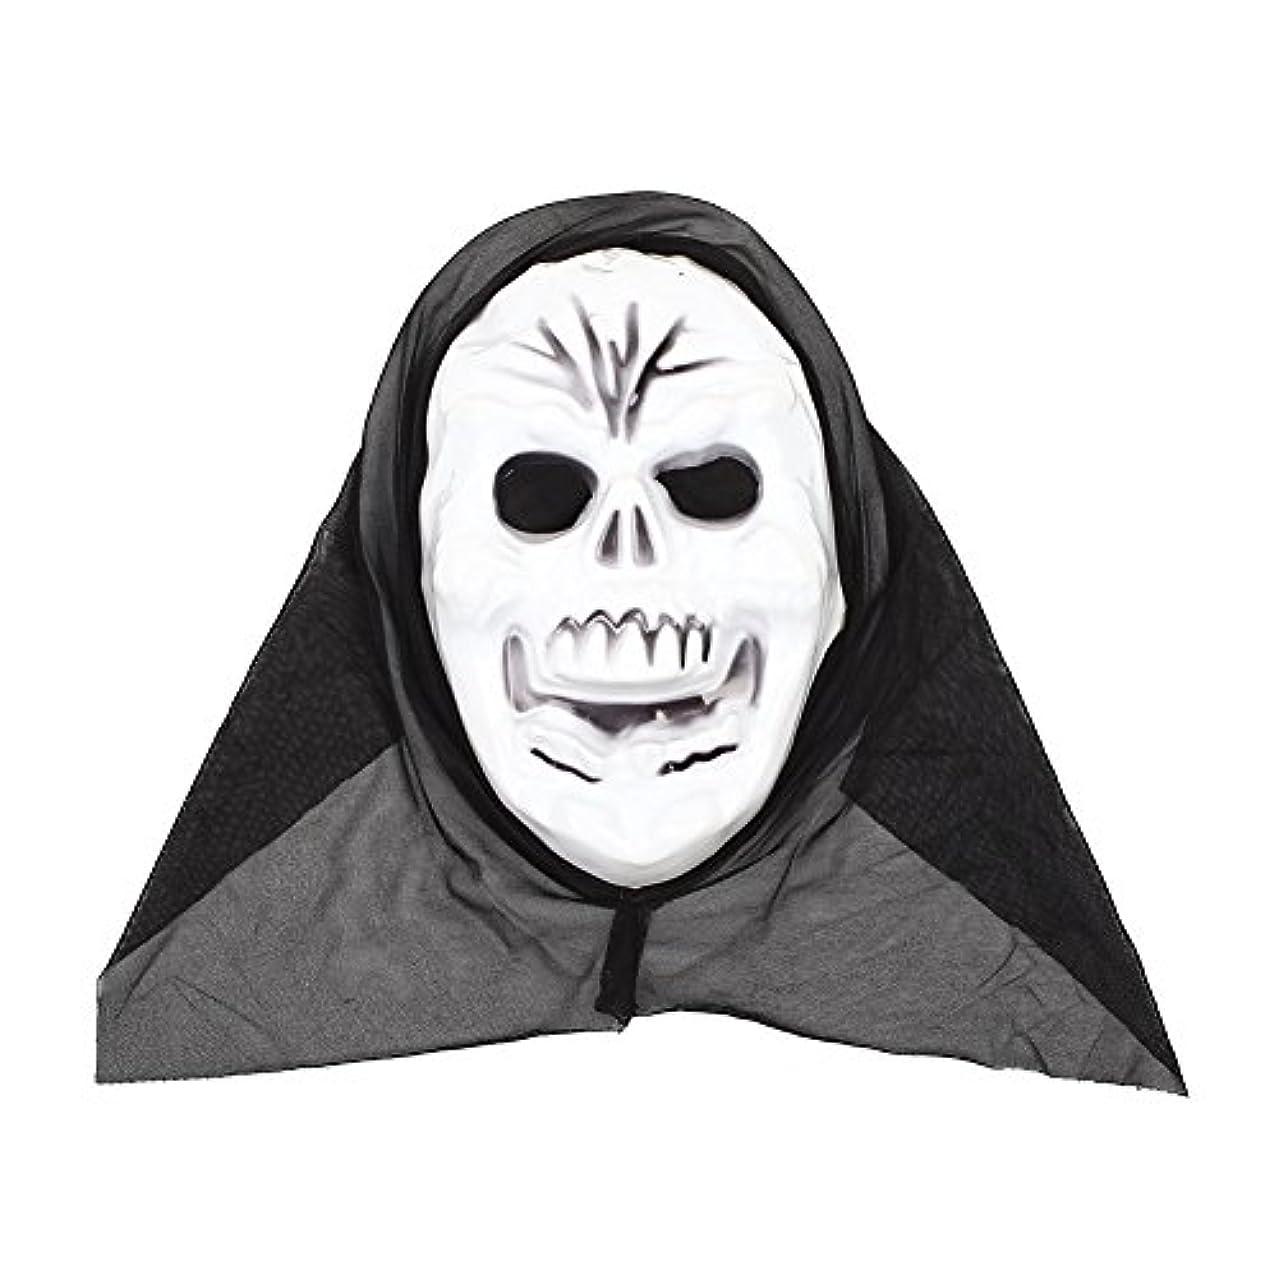 栄養適格航海Auntwhale ハロウィンマスク大人恐怖コスチューム、スクリームファンシーマスカレードパーティーハロウィンマスク、フェスティバル通気性ギフトヘッドマスク